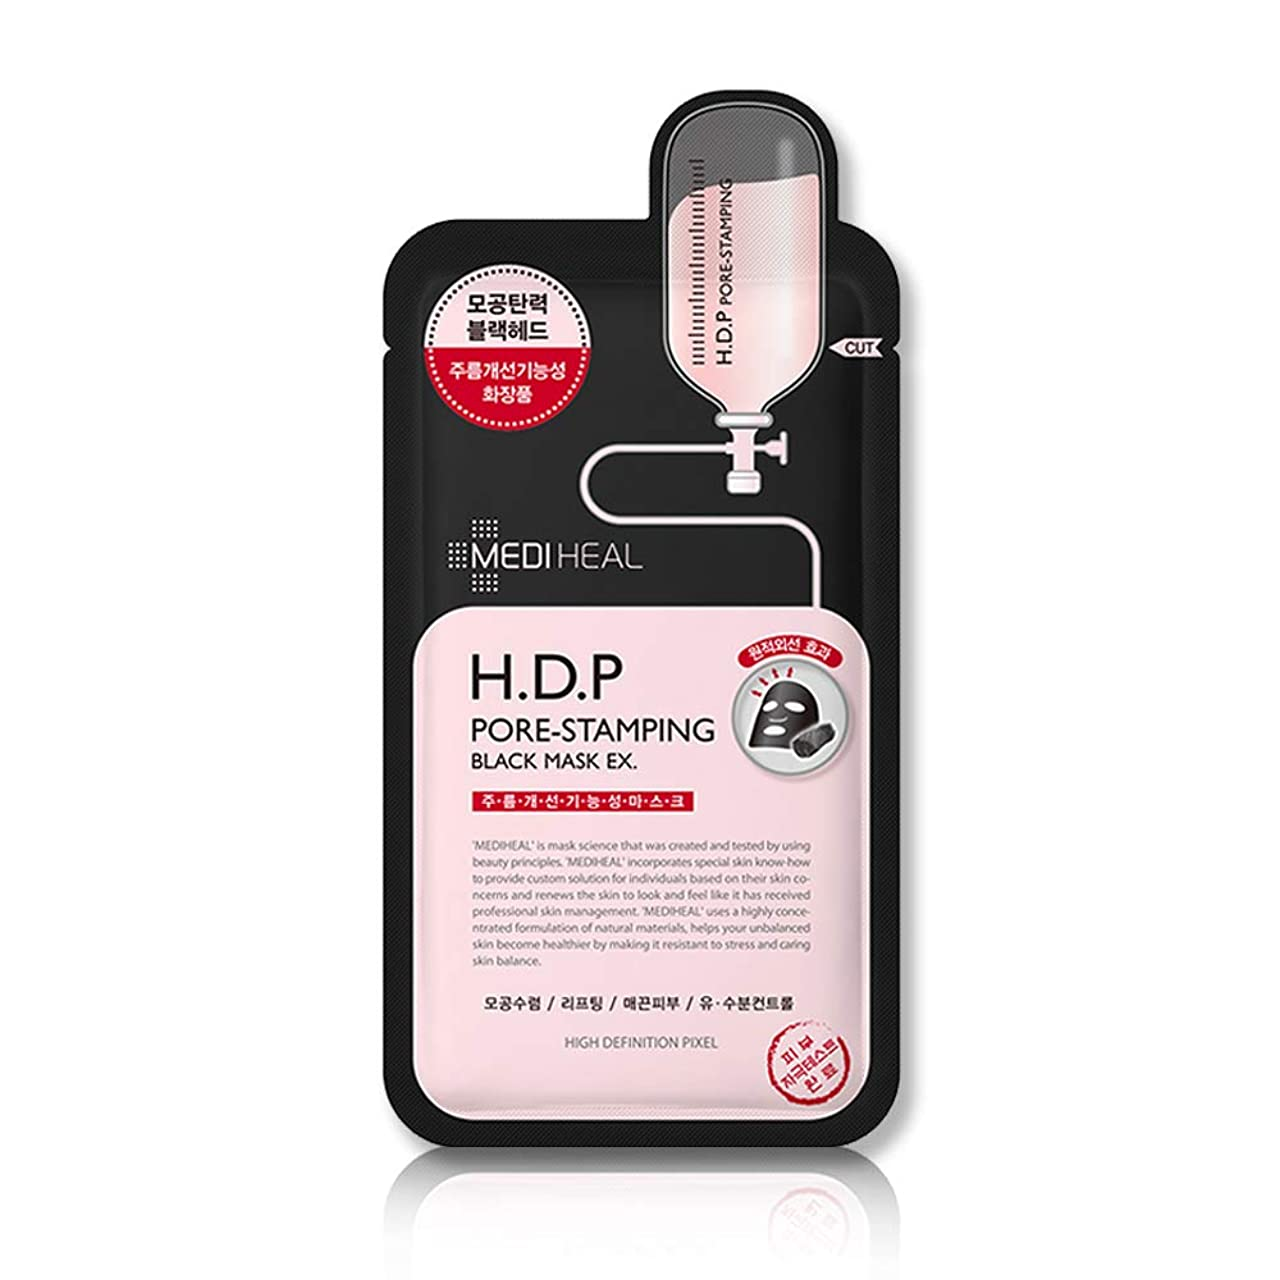 地獄価格生産的メディヒール H.D.P ポアスタンピング ブラックマスクEX 25ml×10枚/MEDIHEAL H.D.P PORE-STAMPING BLACK MASK EX.25ml×10sheet